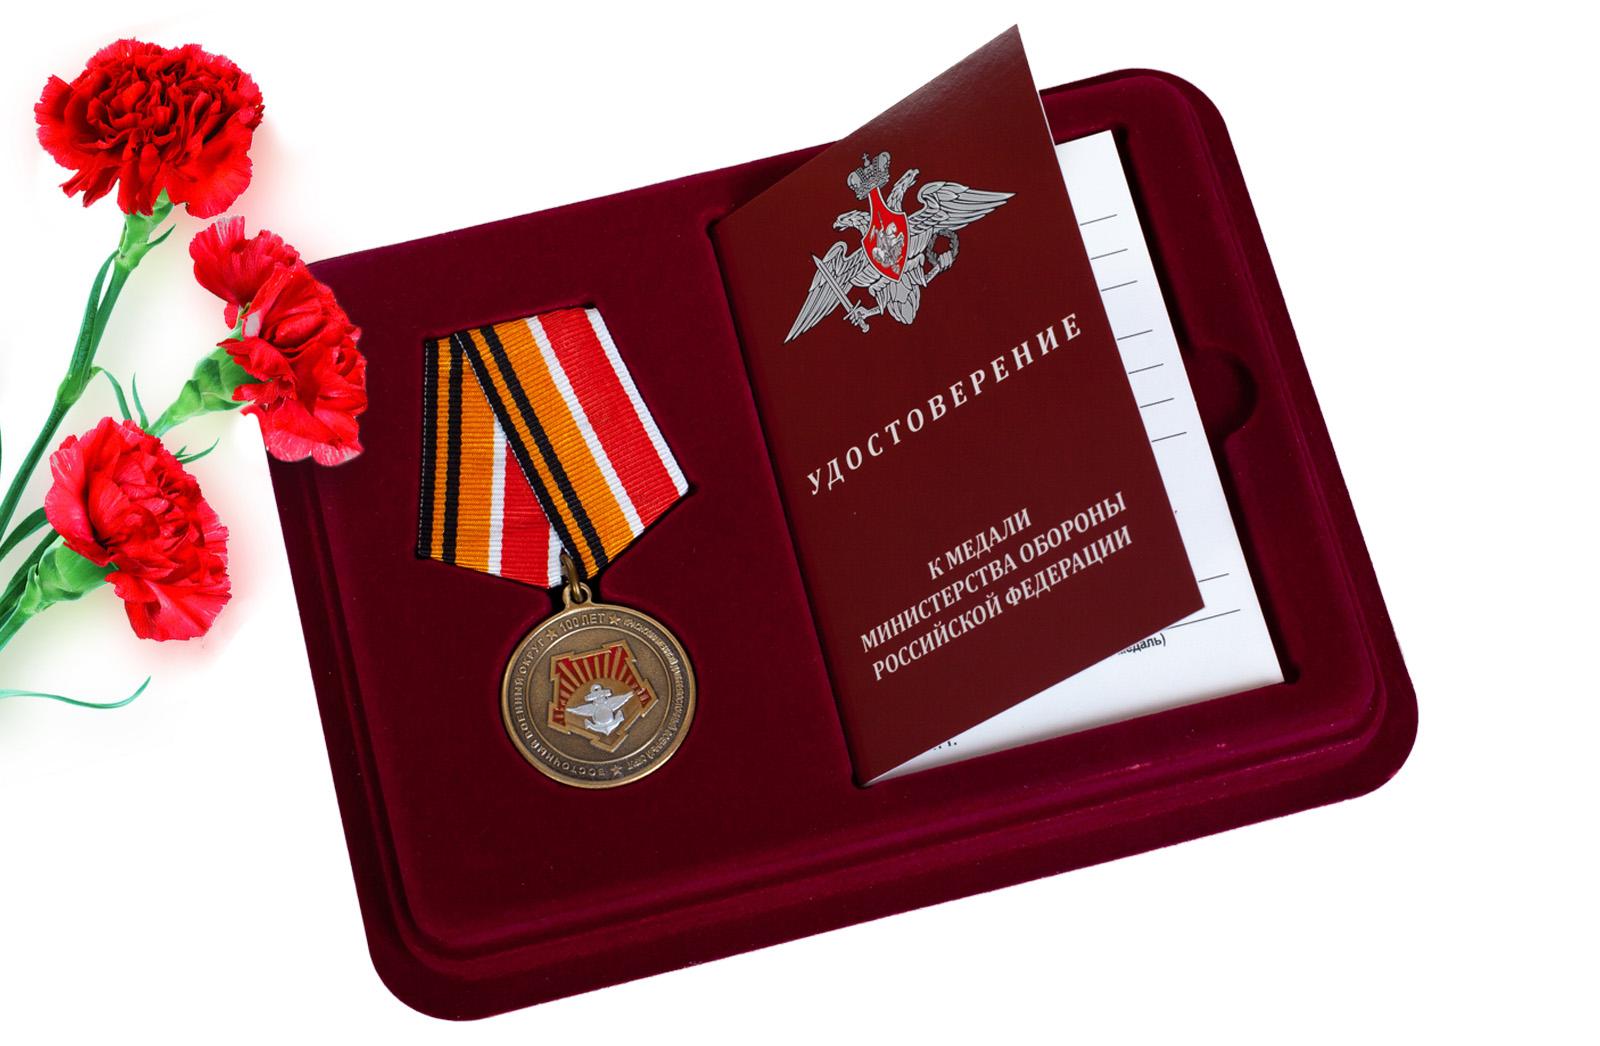 Купить юбилейную медаль 100 лет Восточному военному округу оптом или в розницу